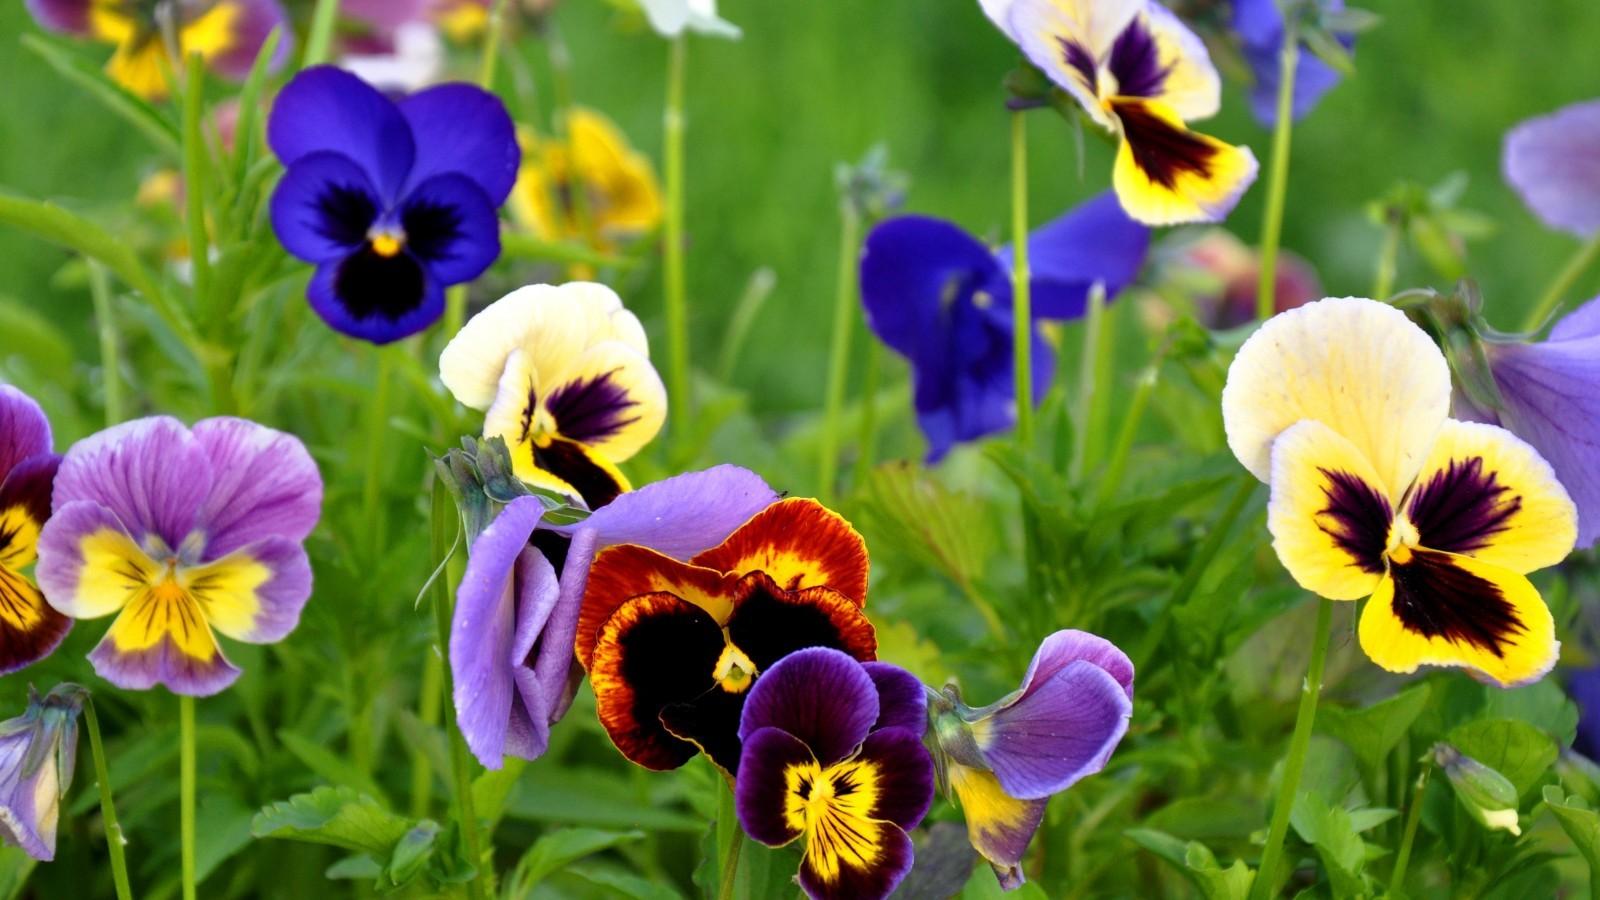 22008 скачать обои Растения, Цветы - заставки и картинки бесплатно